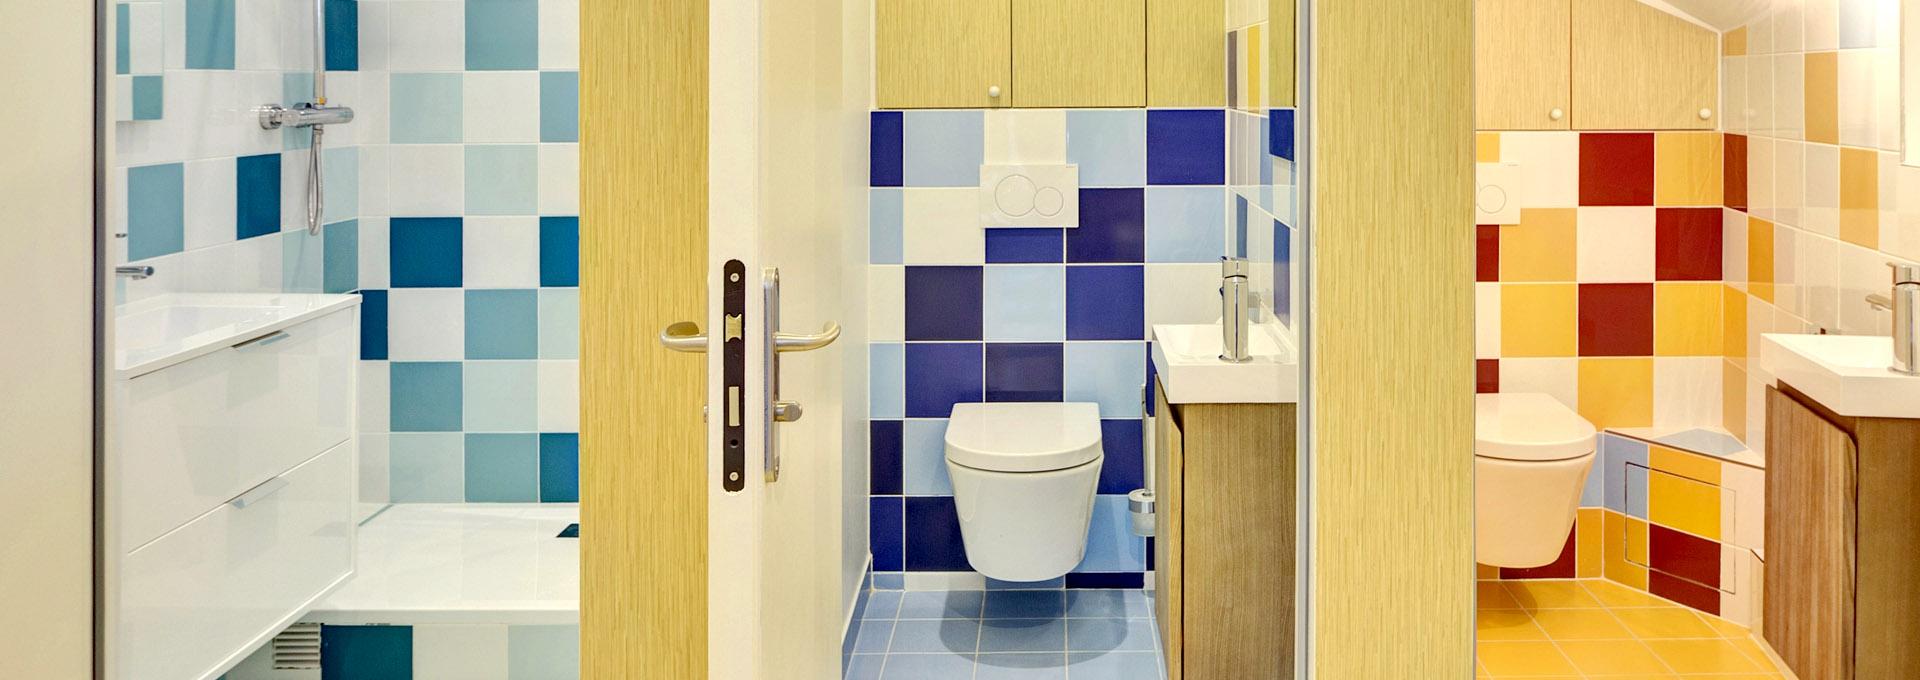 architecture interieure renovation bureau sanitaires agence avous